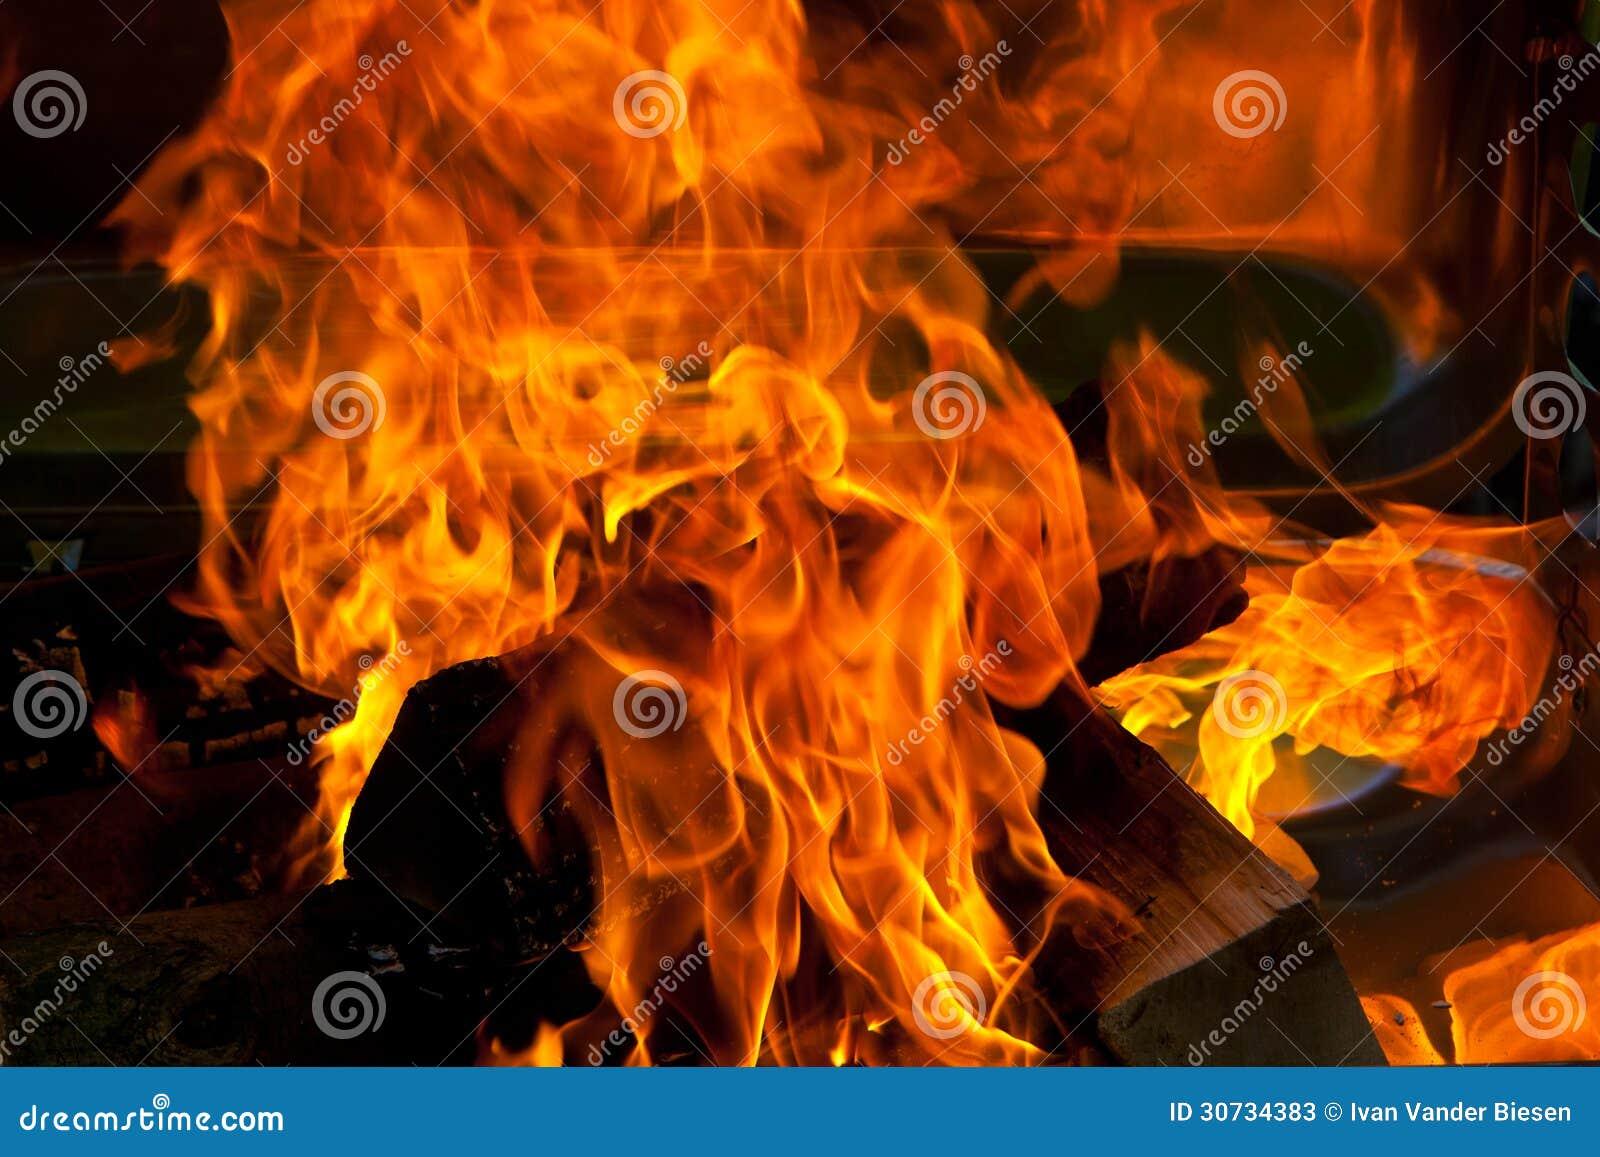 Fire wood BBQ